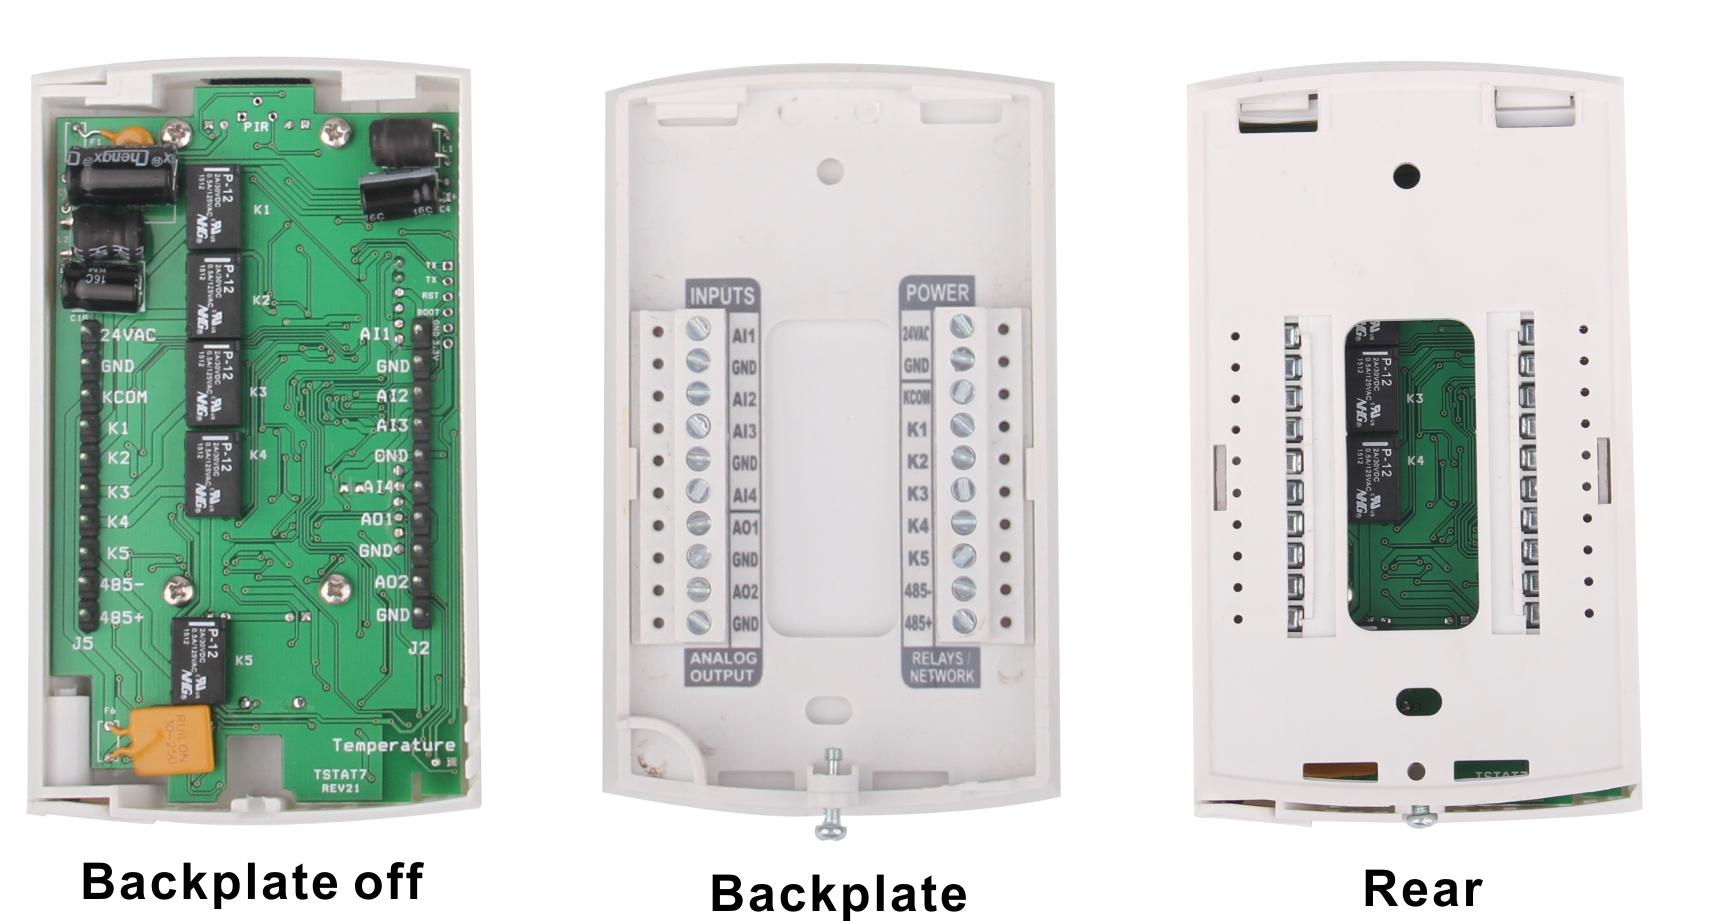 Tstat 7 Thermostat